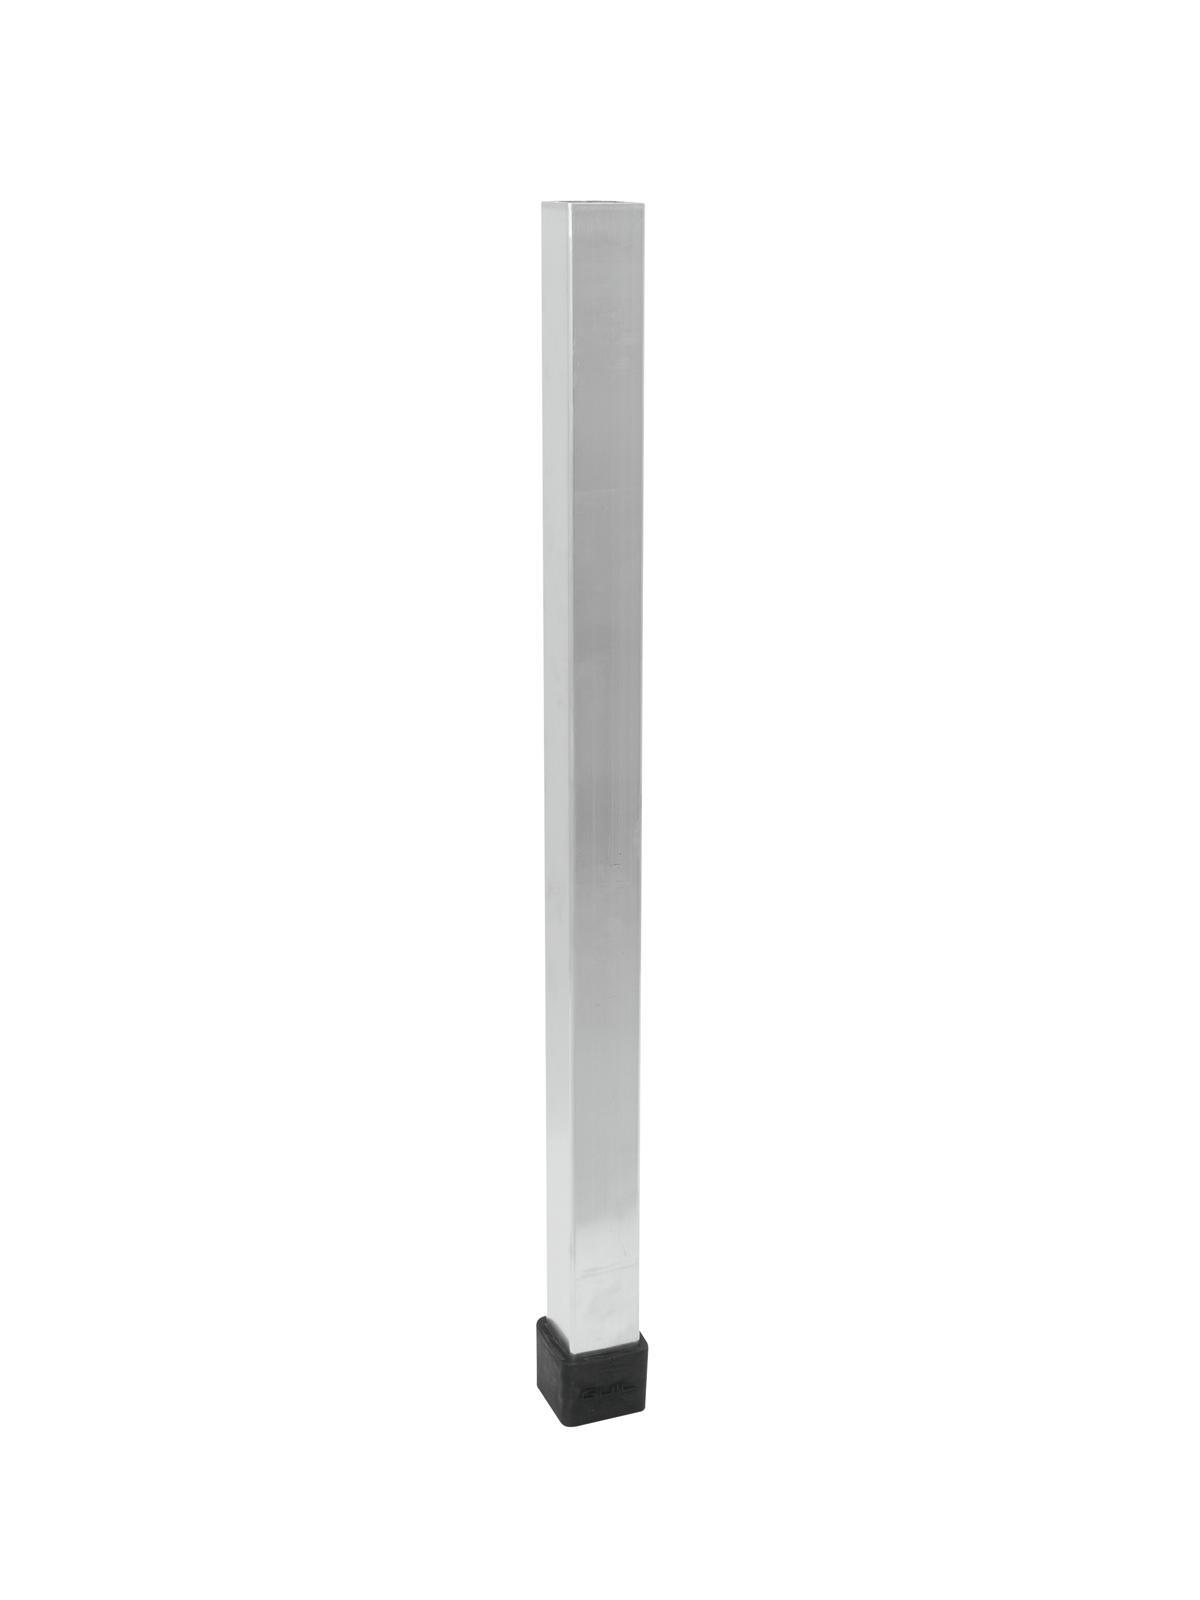 GUIL PTA-440/80 Steckfuß